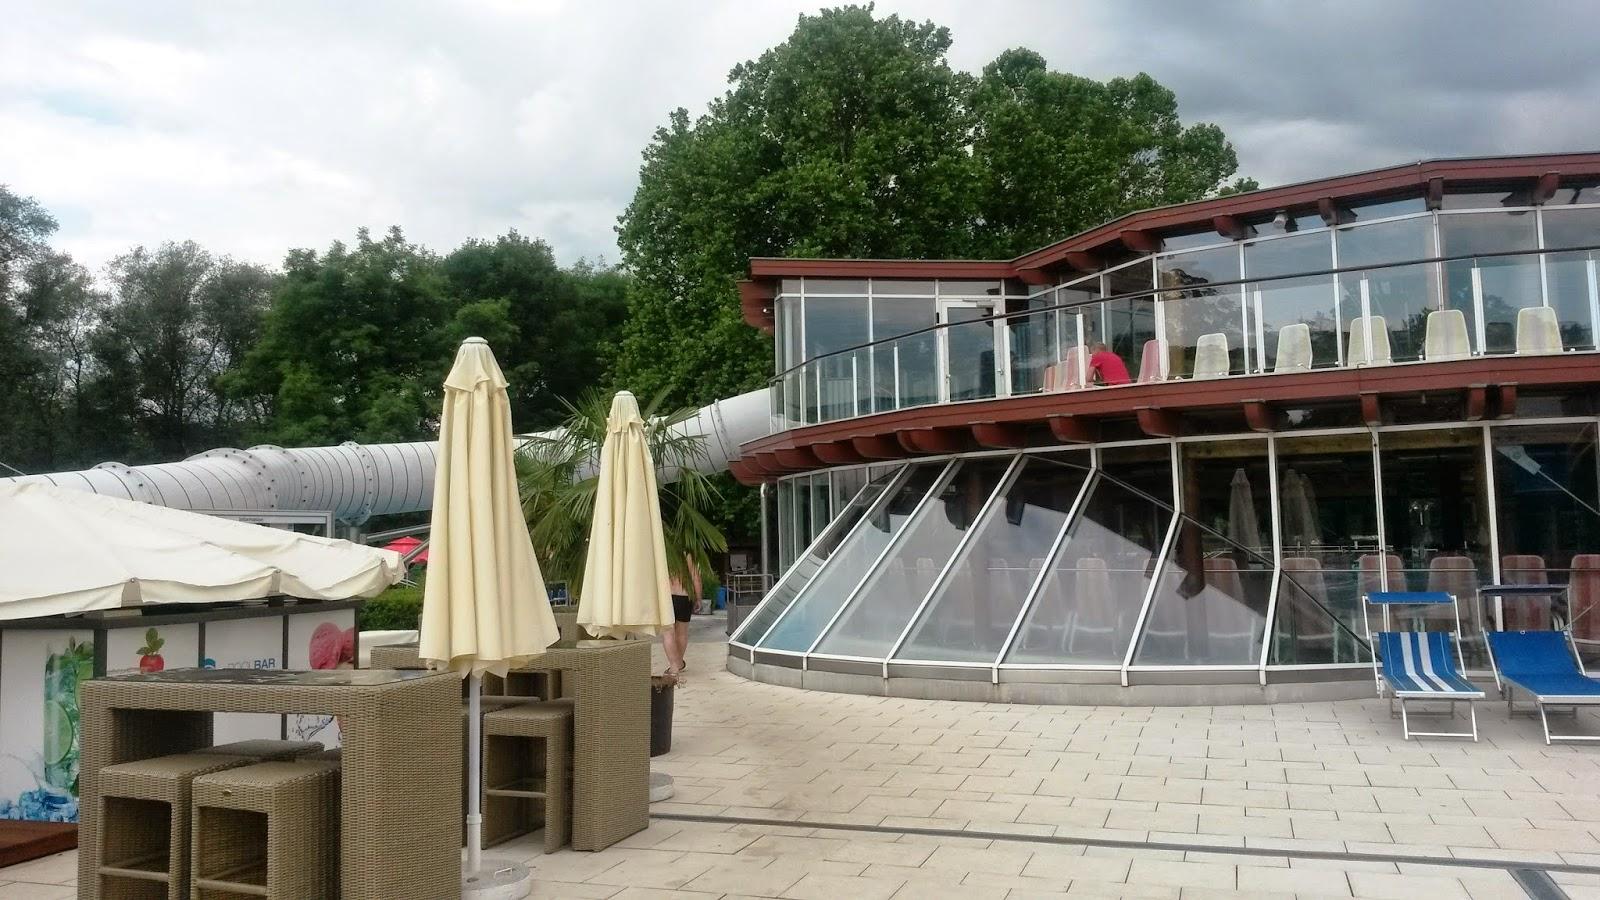 40+: Bad Radkersburg hat eine moderne Parktherme